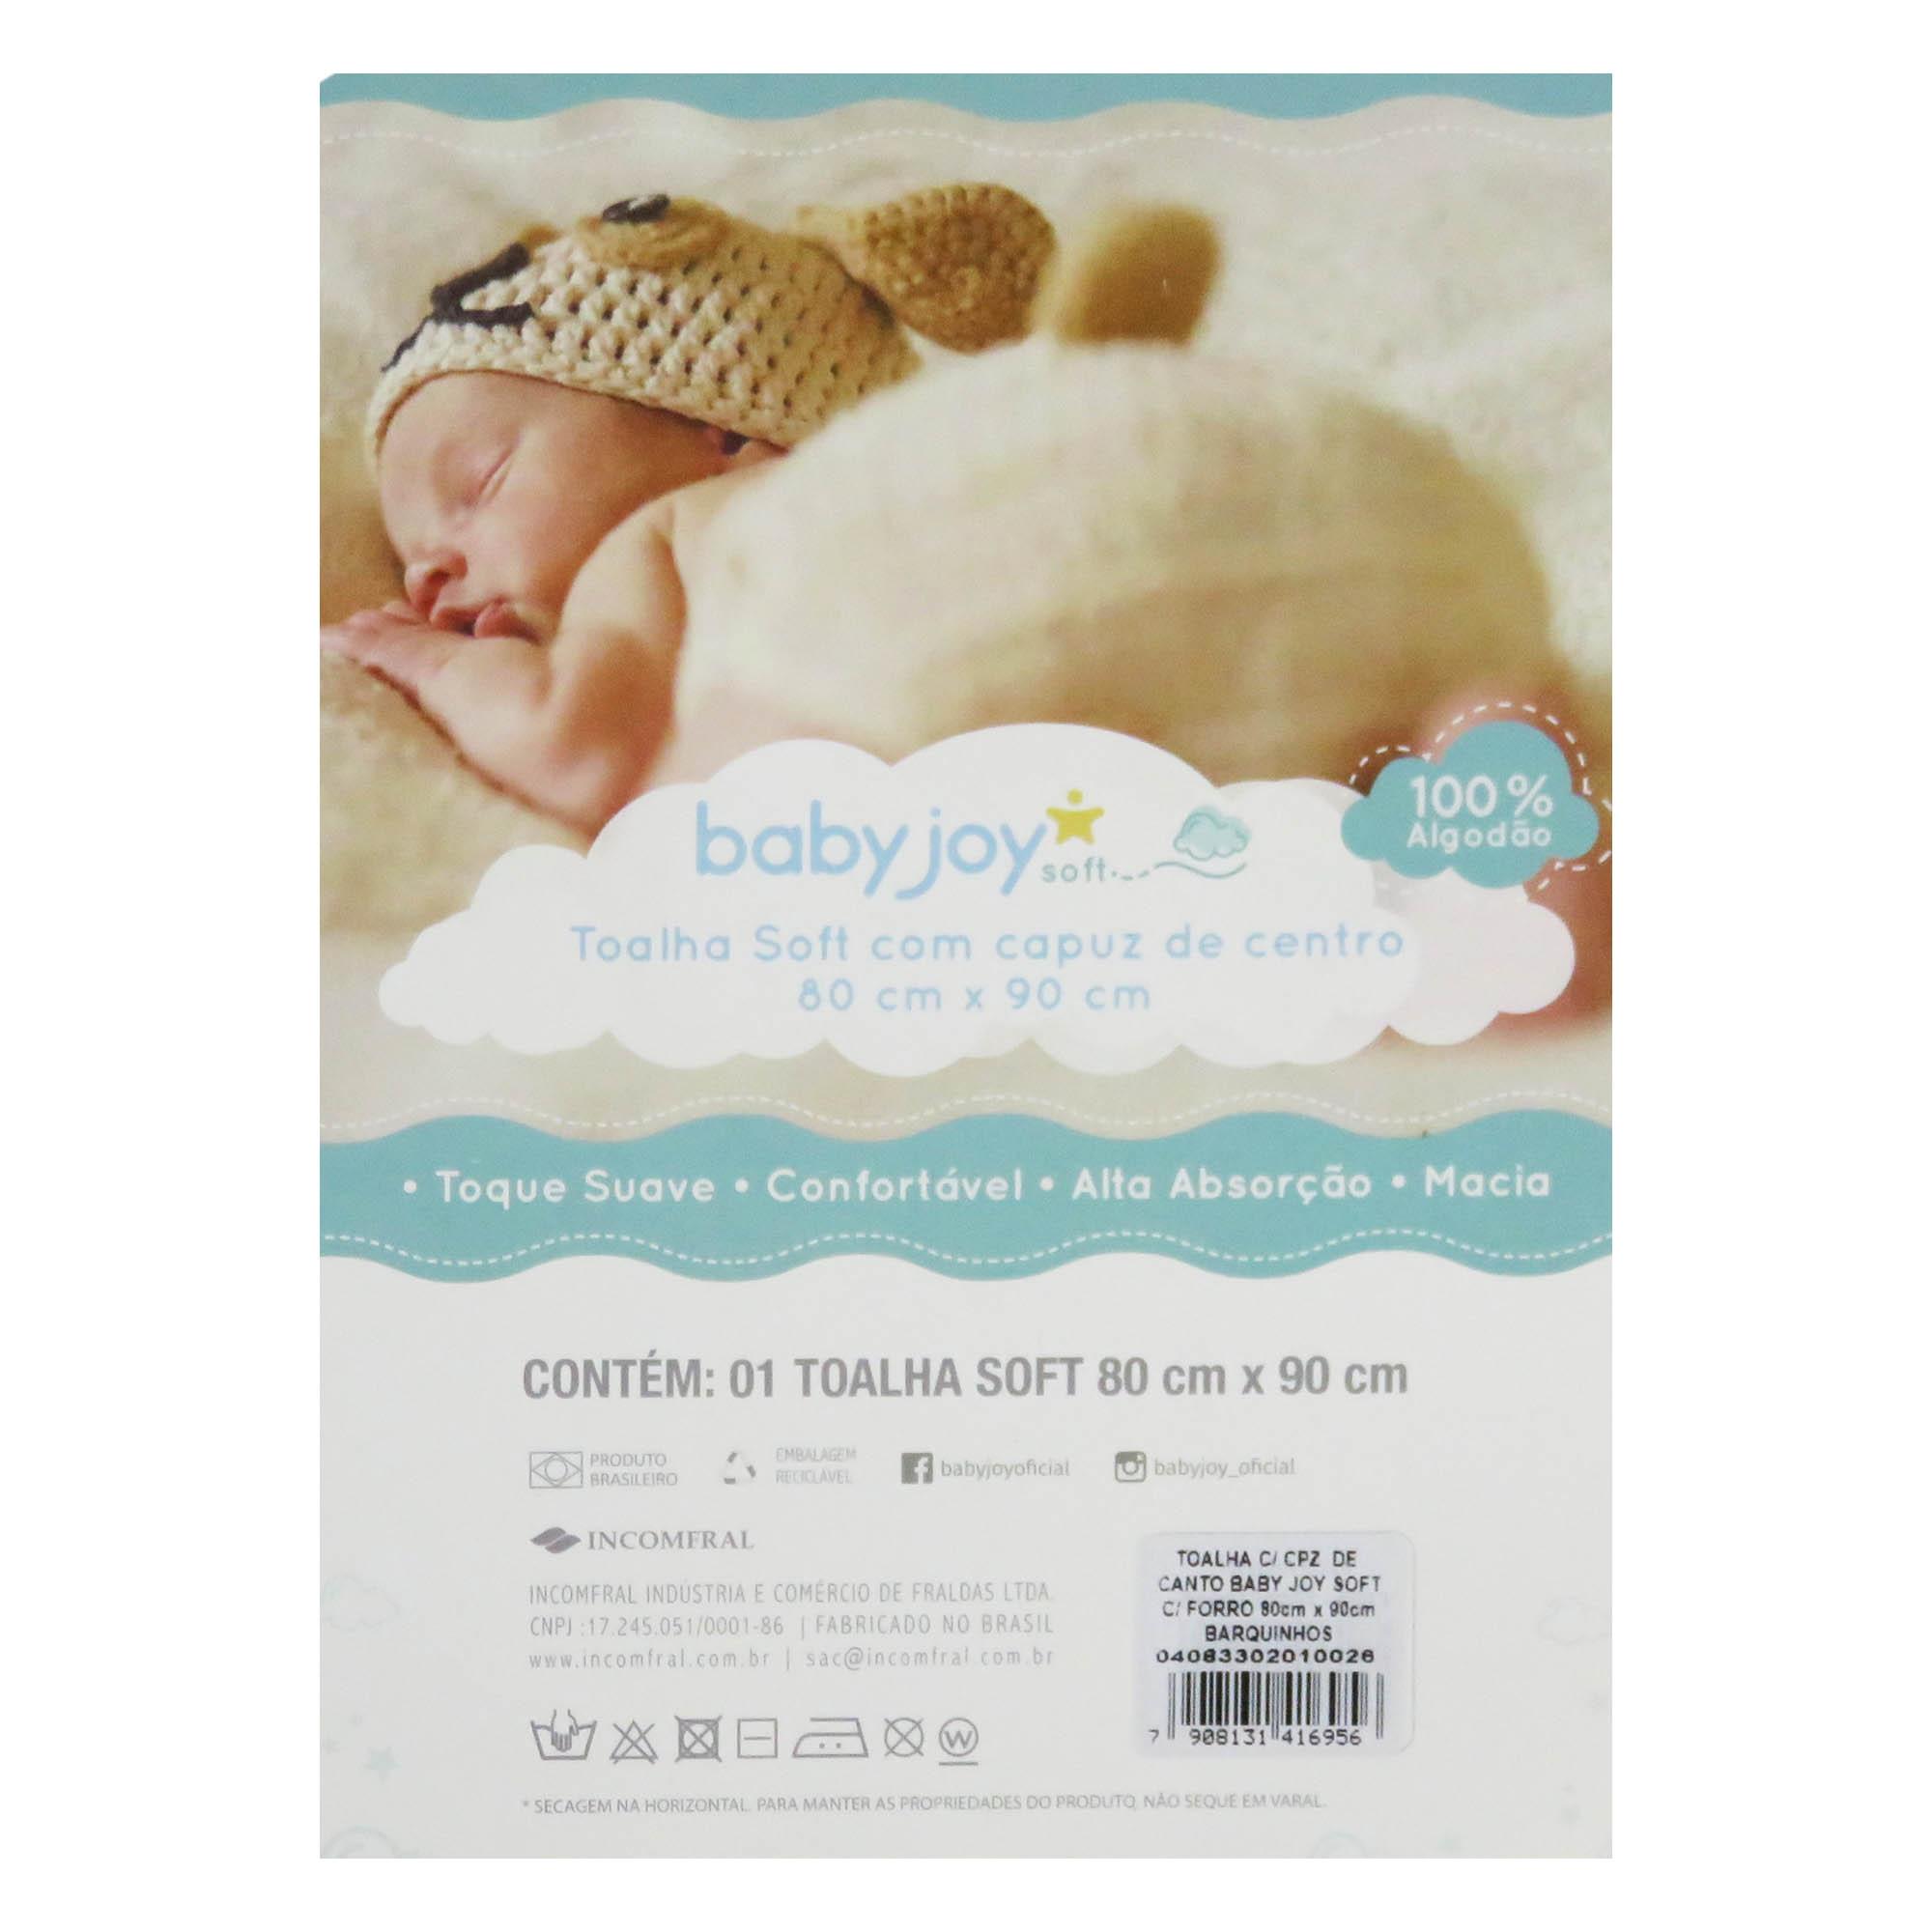 Toalha Soft com Capuz de Centro - Incomfral - BabyJoy - Barquinhos